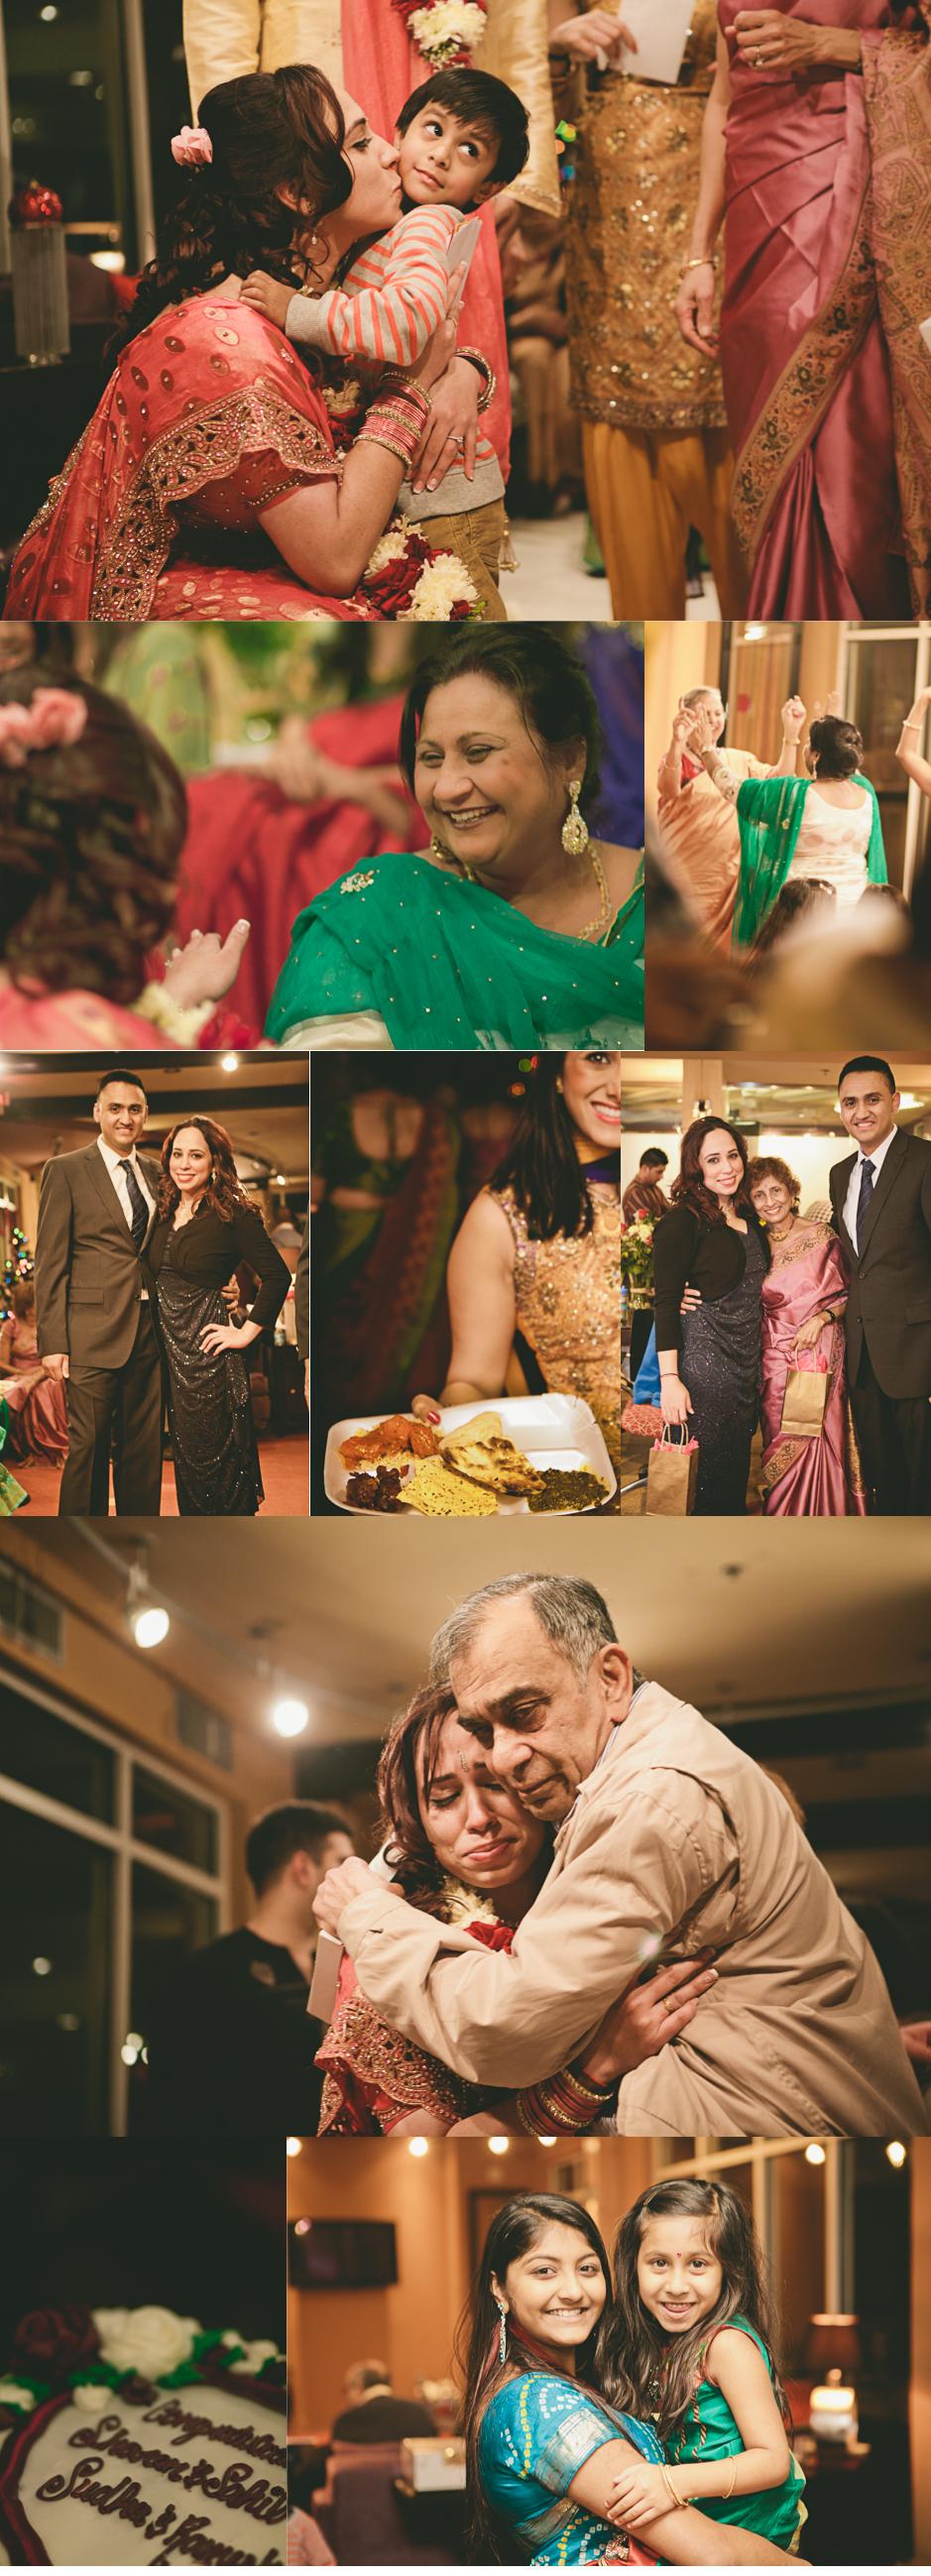 FrecklesAndLocks_20121222_SahibSharen_Hindu_Engagement_1-2